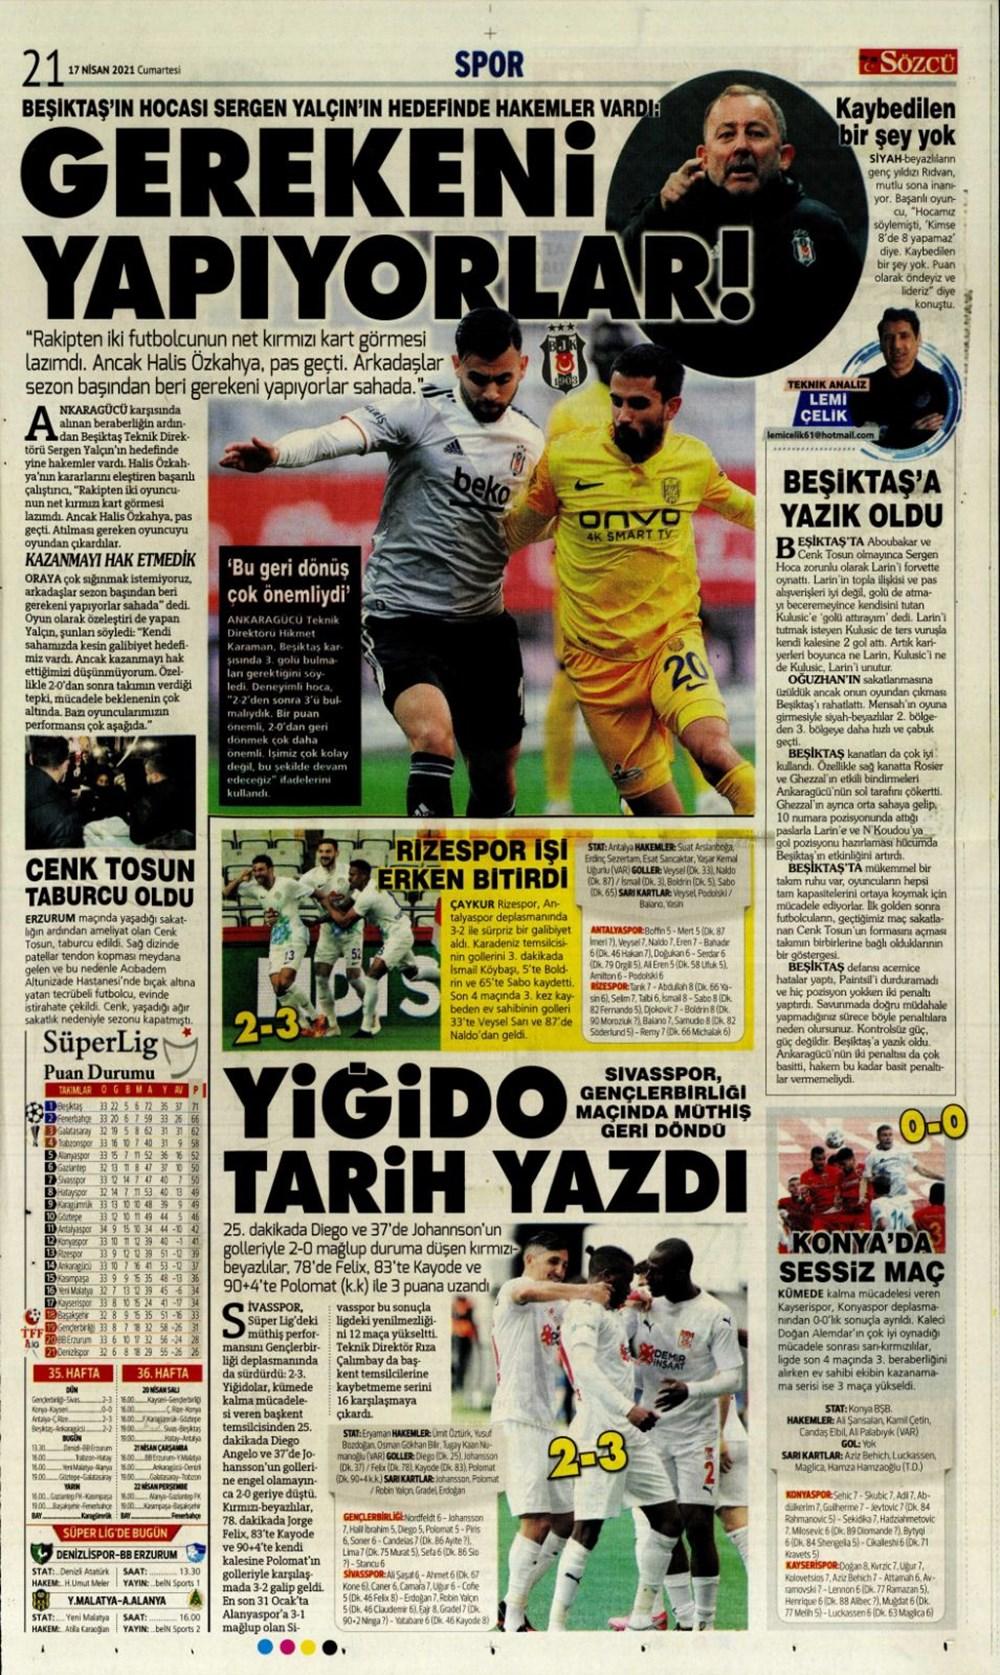 Günün spor manşetleri (17 Nisan 2021) - 20